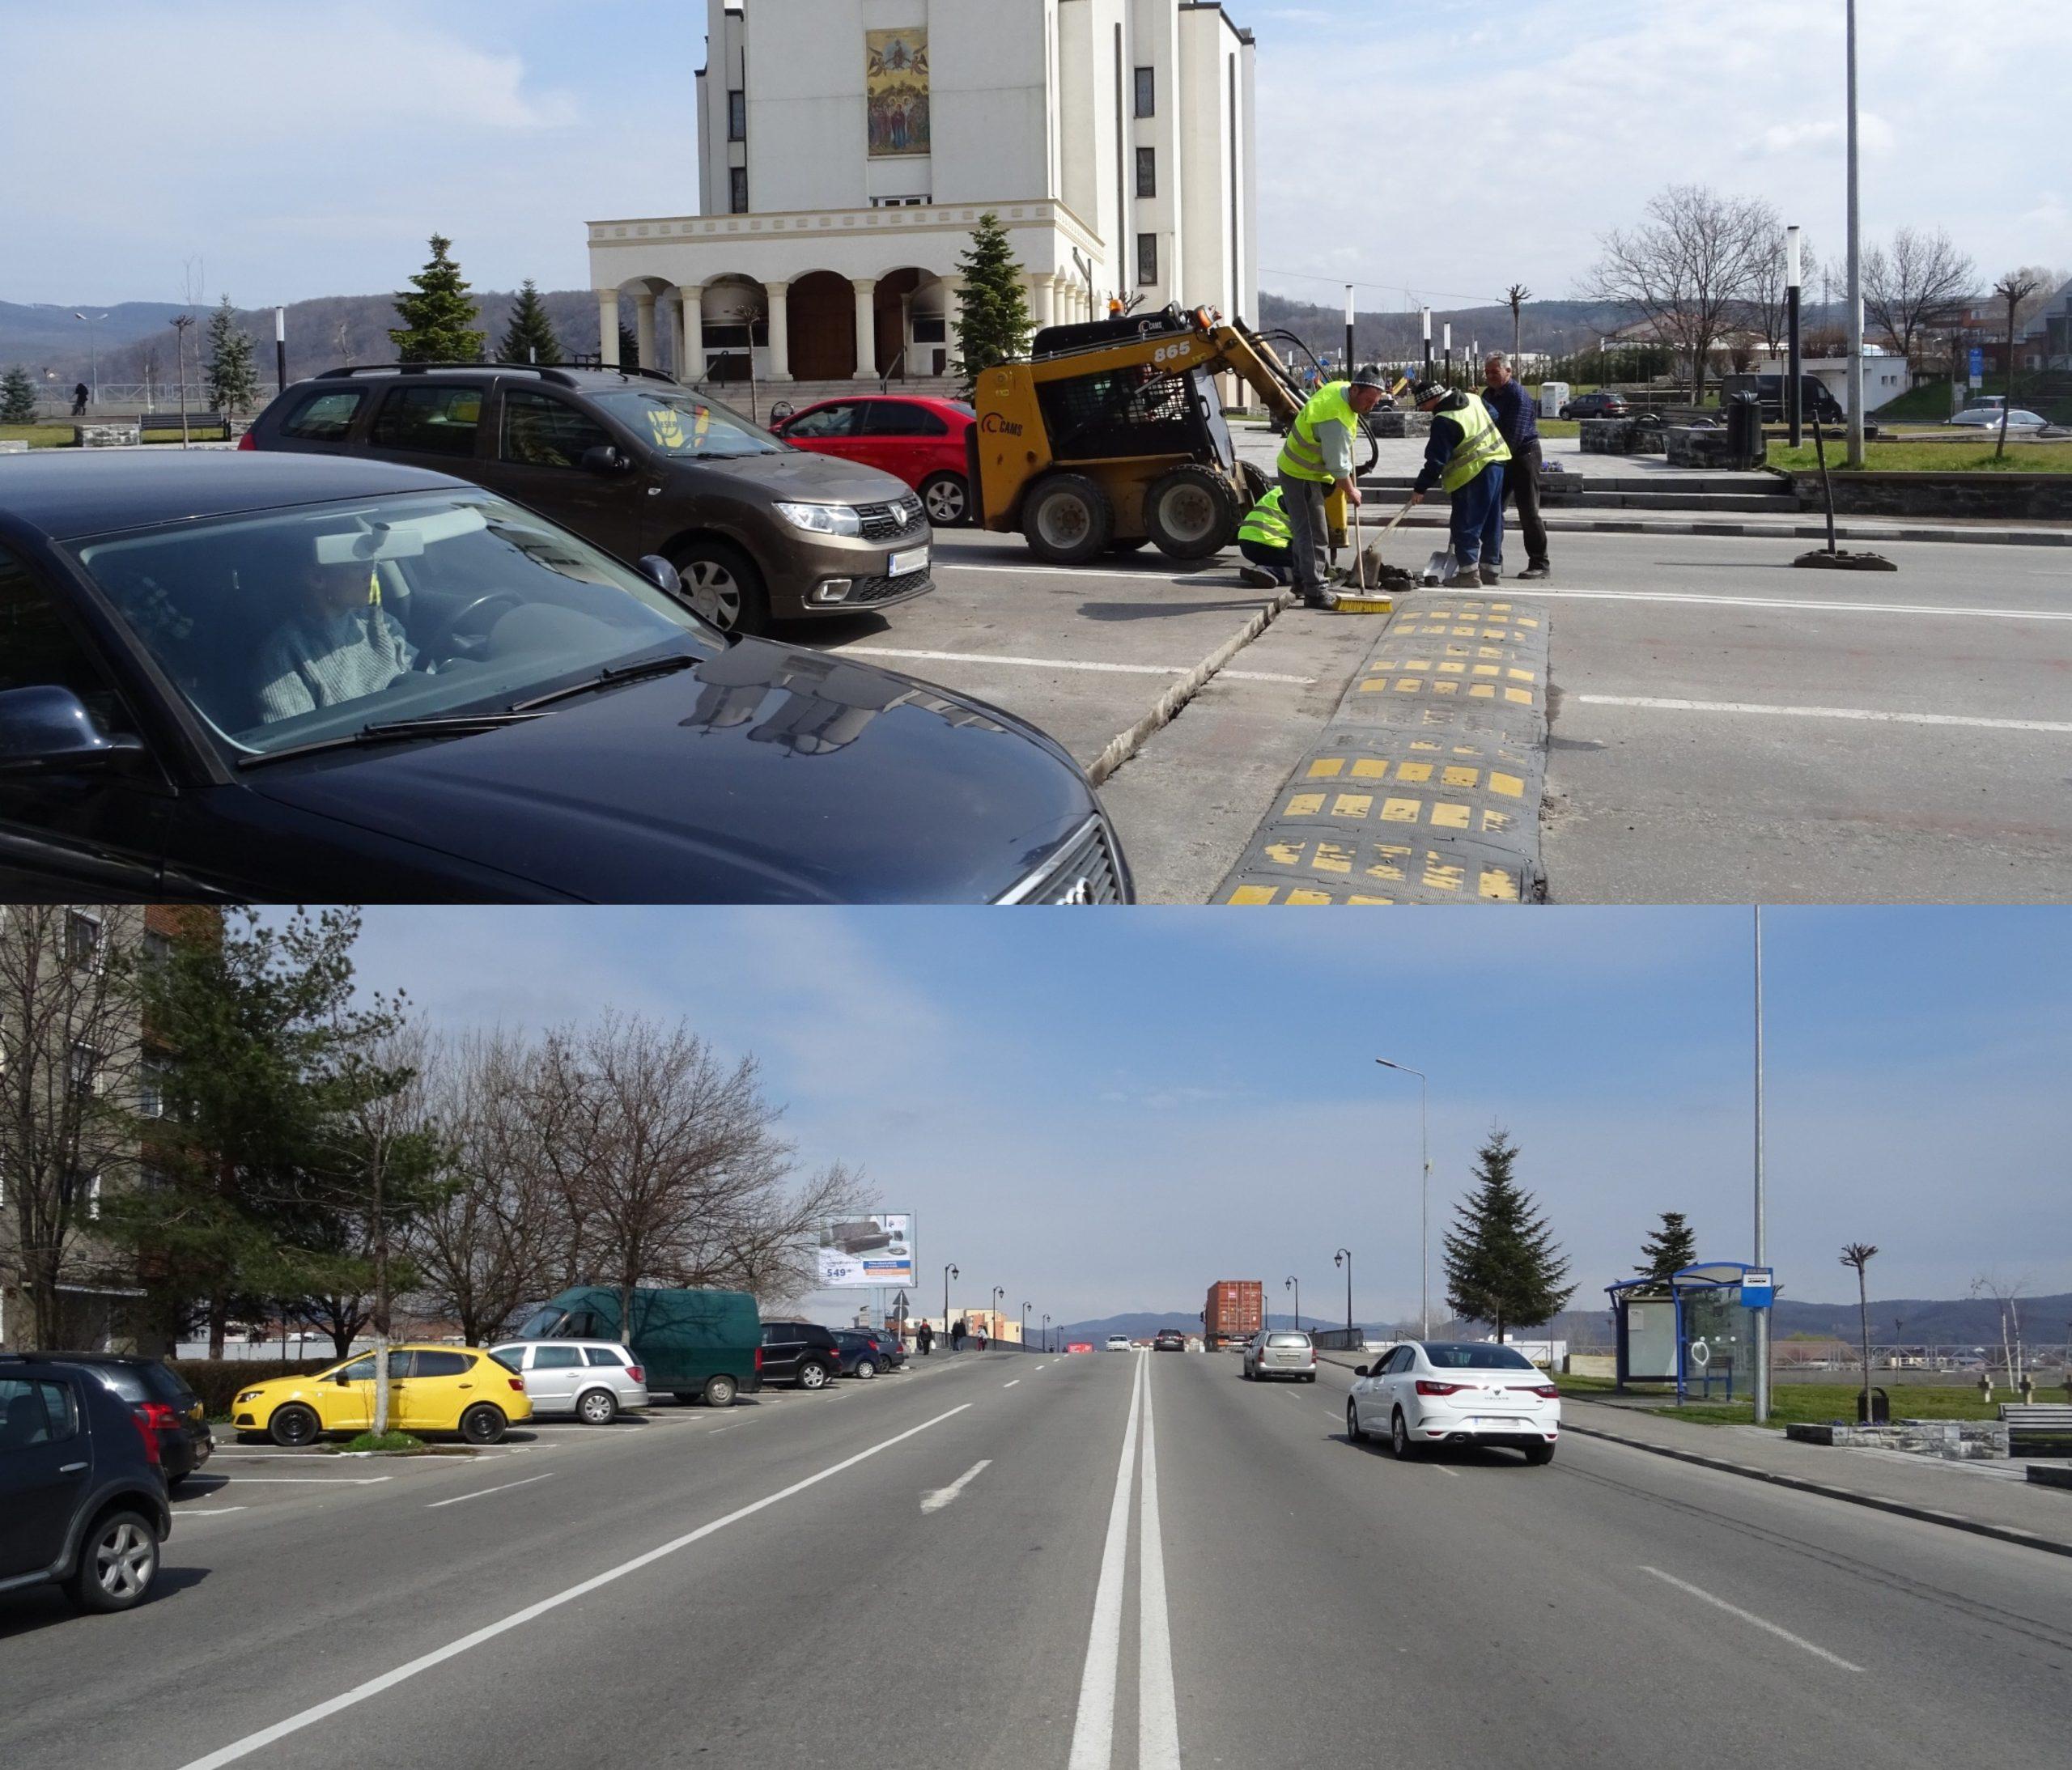 Începe asfaltarea podului de pe bulevardul Tineretului